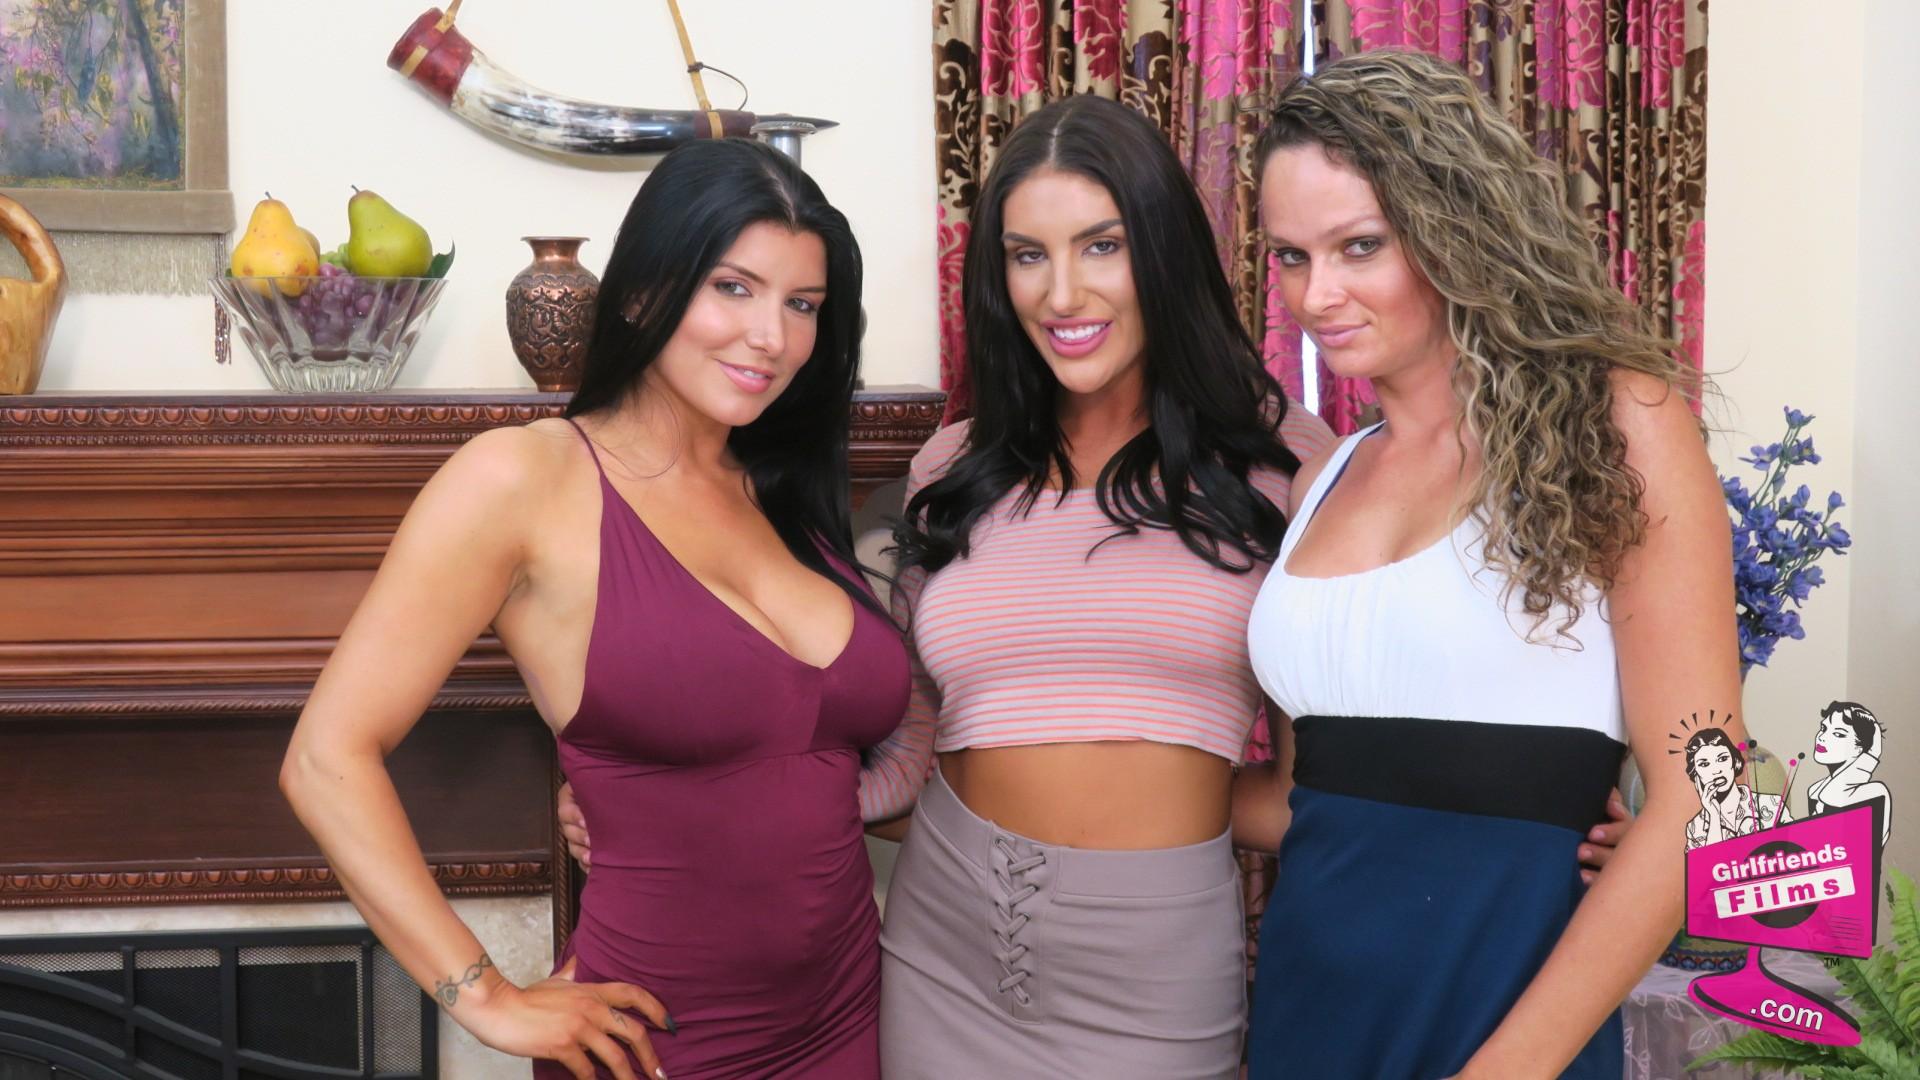 Women Seeking Women 144 Behind The Scenes Girlfriends